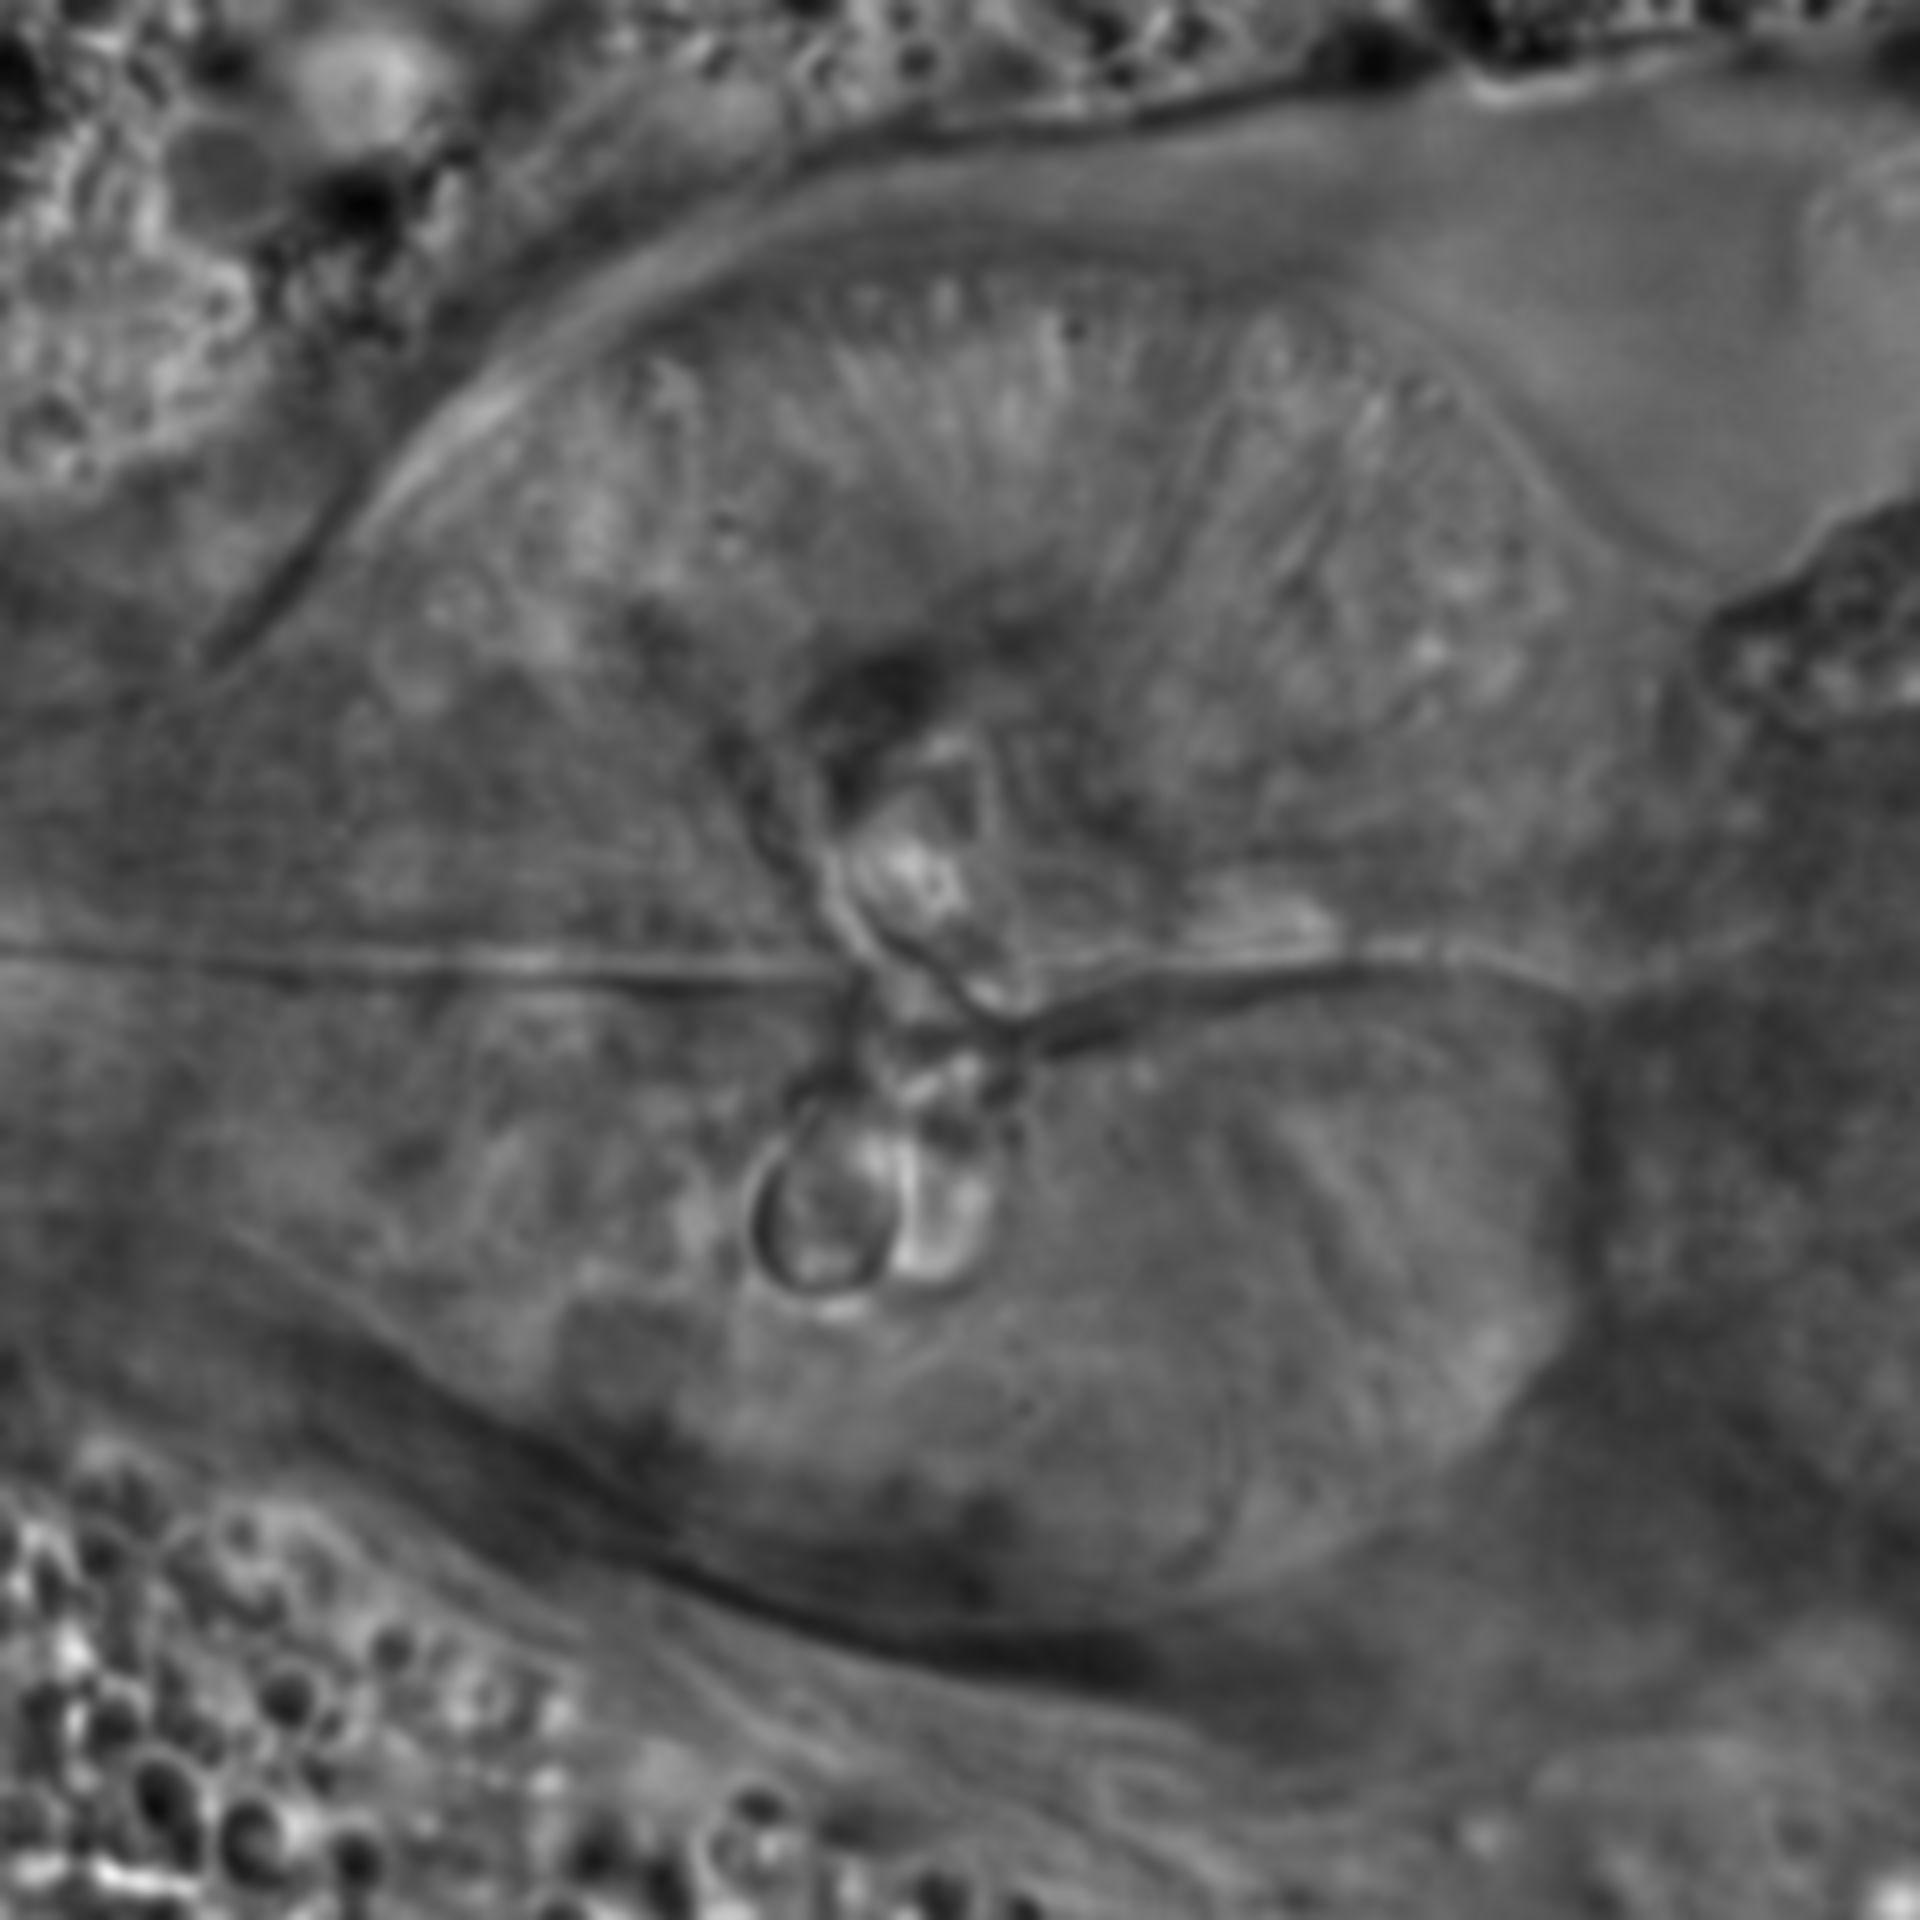 Caenorhabditis elegans - CIL:1940